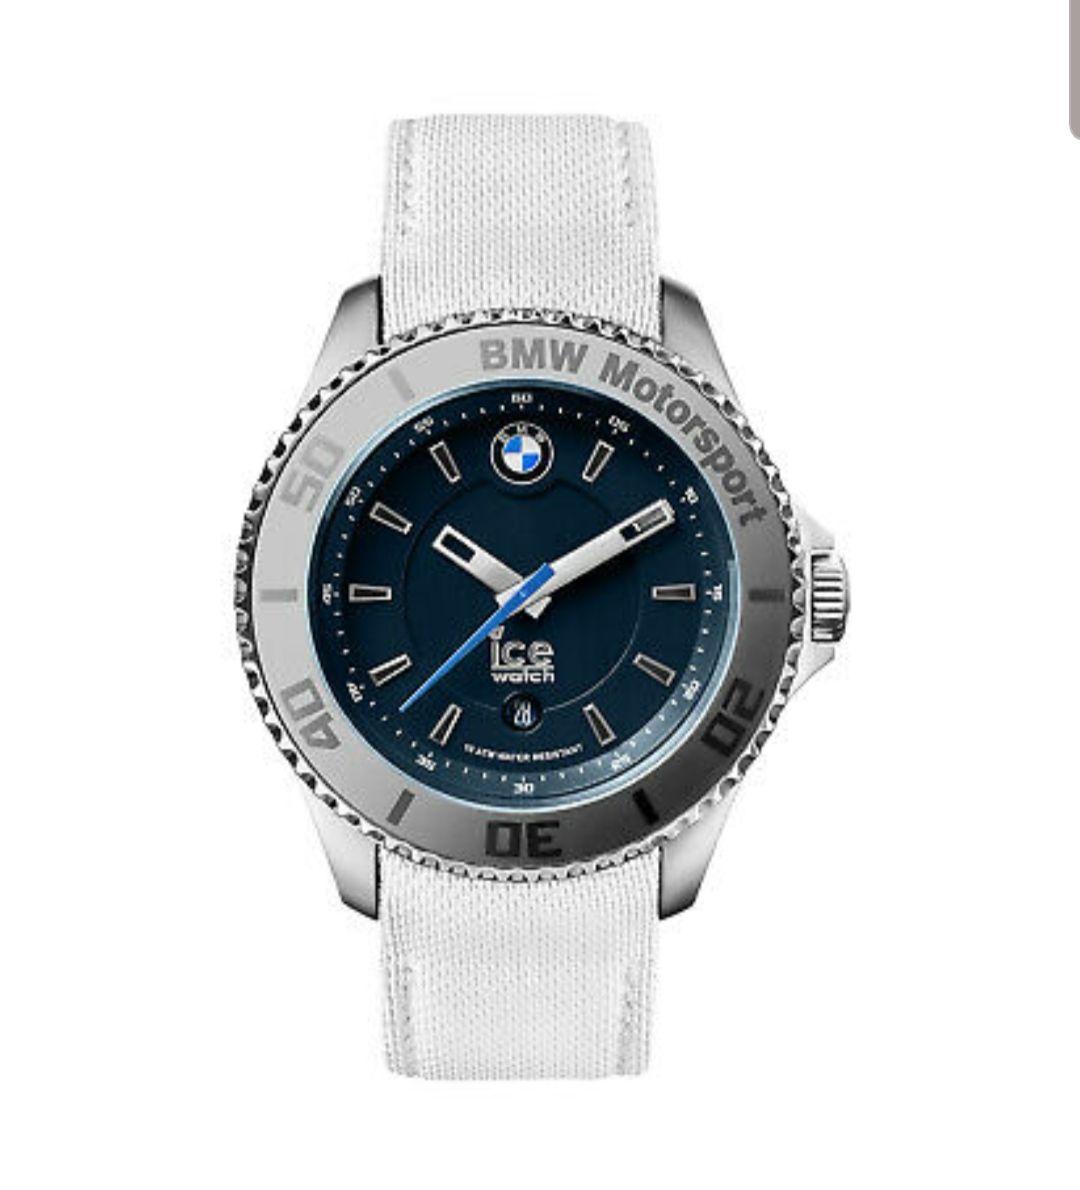 [eBay] Quarz Armbanduhr BMW Motorsport von Ice-Watch